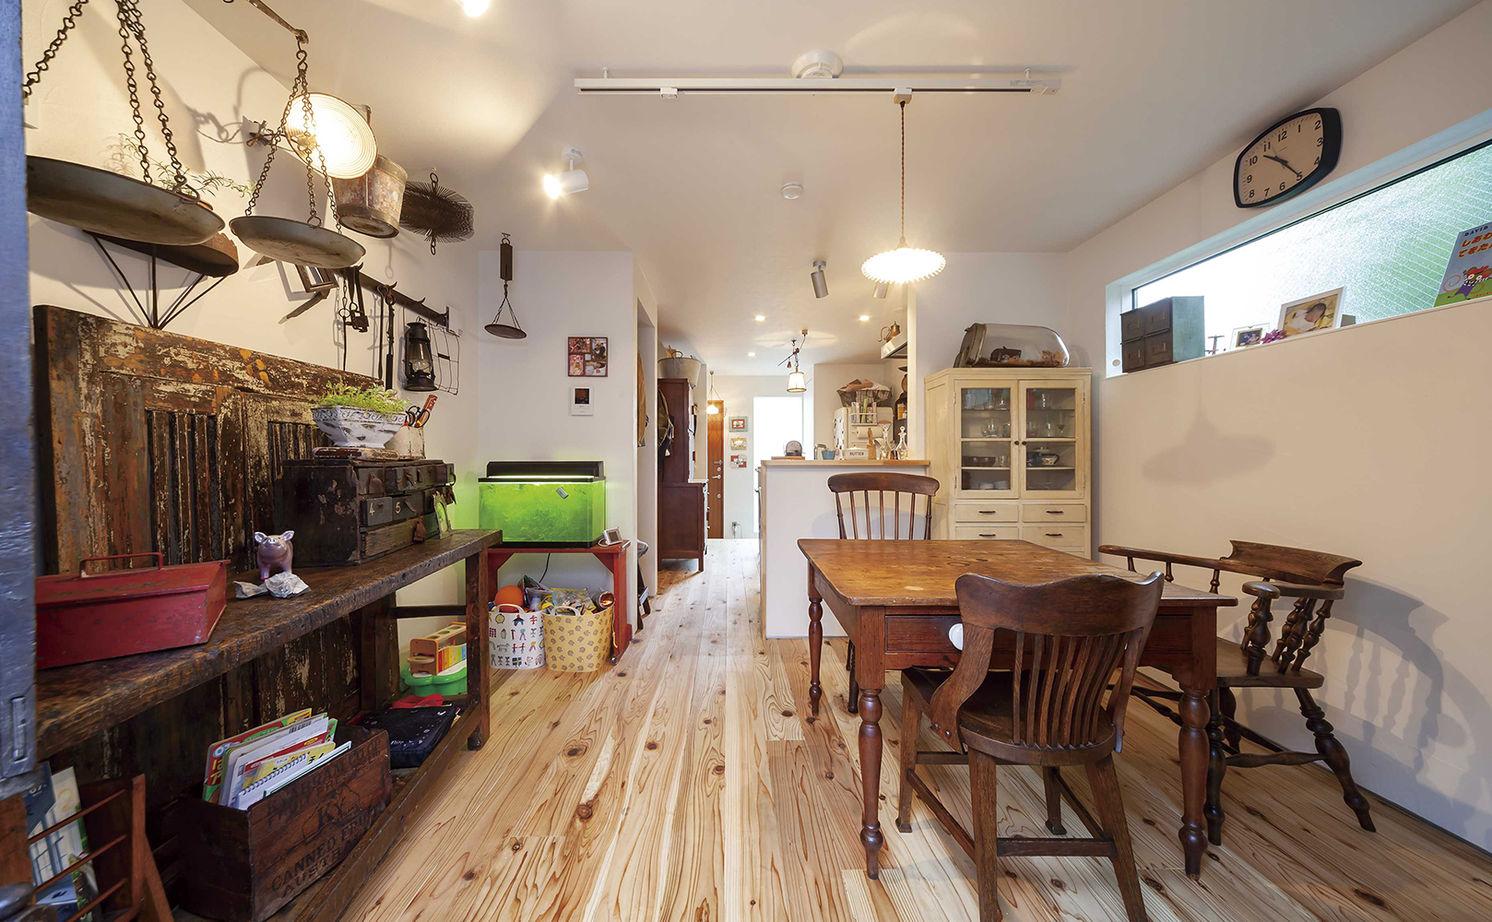 【1470万円】13.8坪の敷地に夢を詰め込んだ「アンティーク・レトロ」な住まい画像1